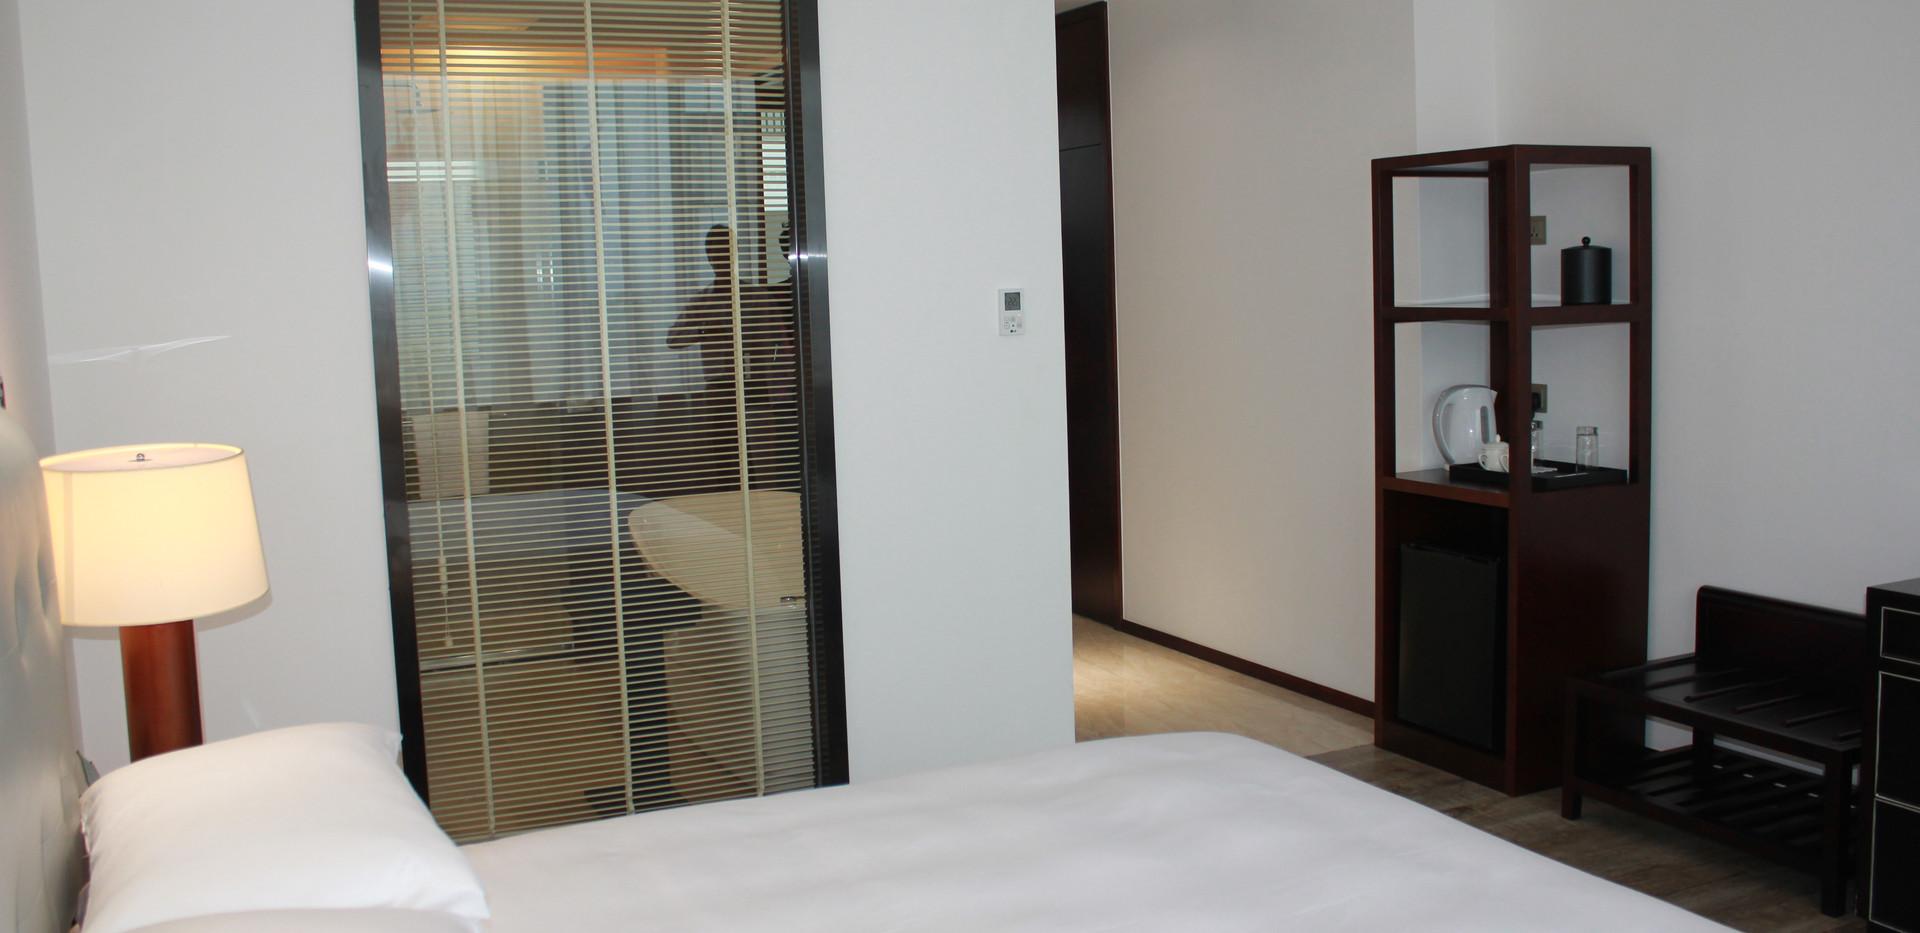 Deluxe Room 7.JPG